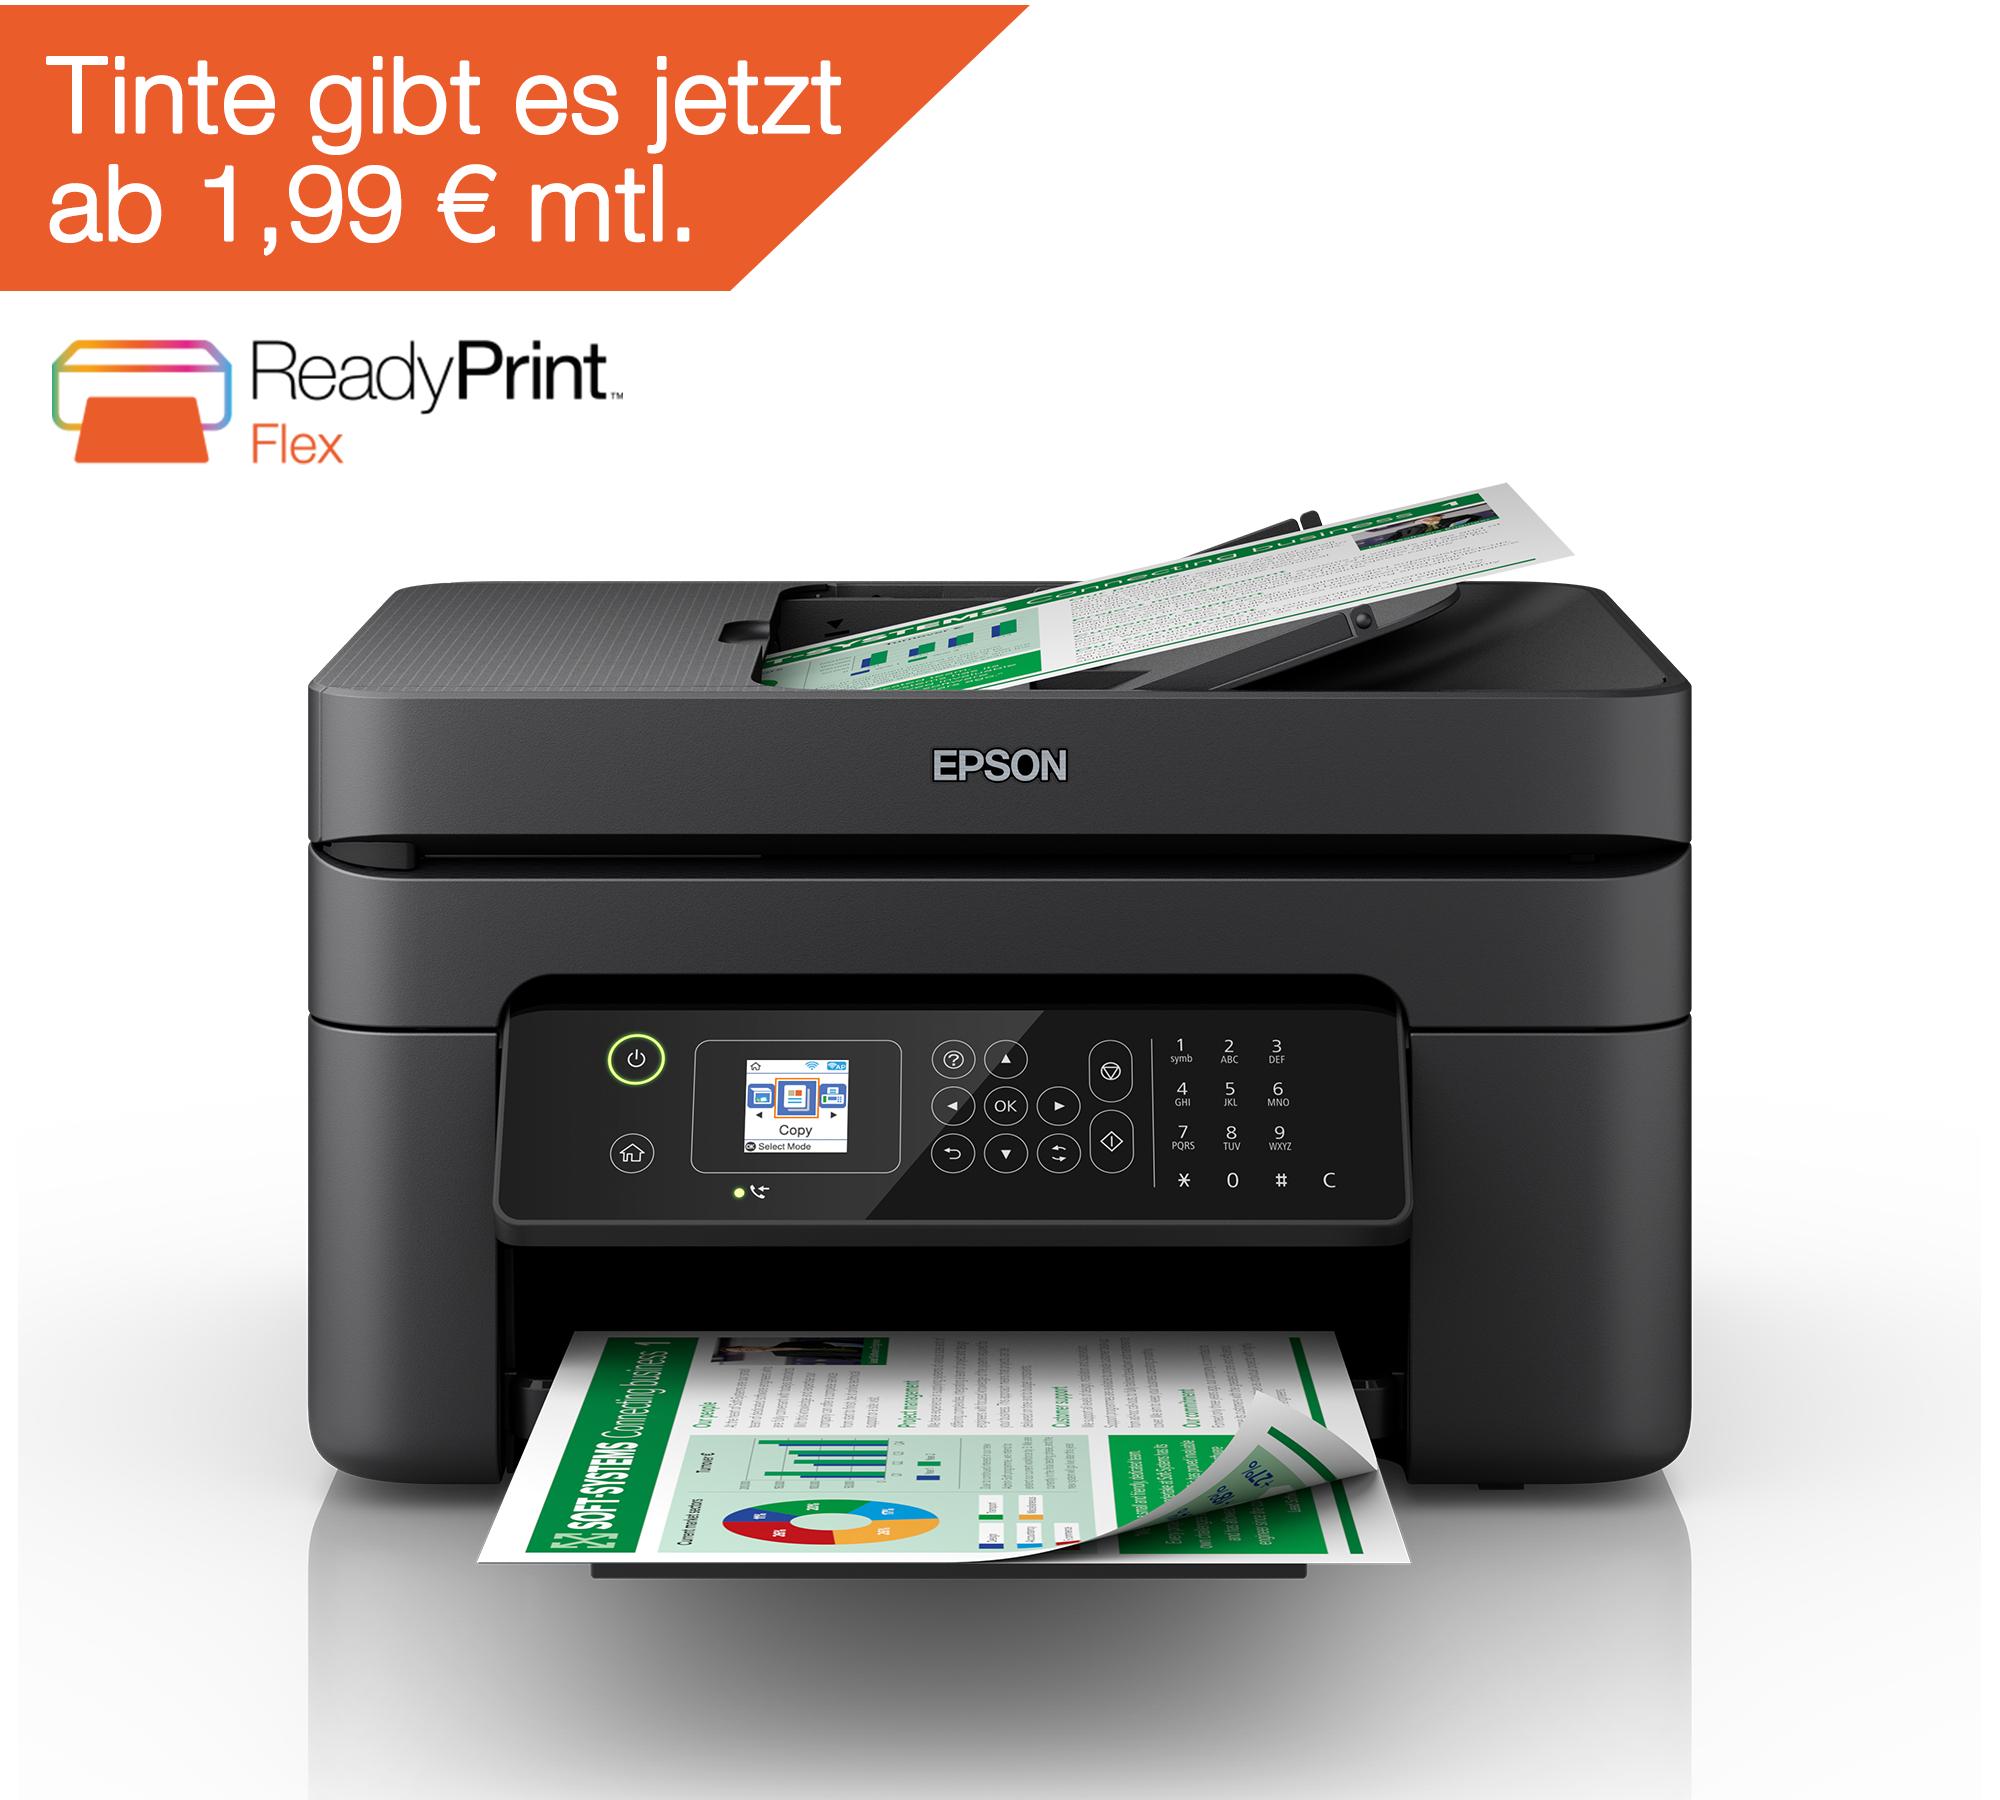 EPSON WORKFORCE WF-2830DWF 4-IN-1 Multifunktionsdrucker für 69,90€ [0815.eu]